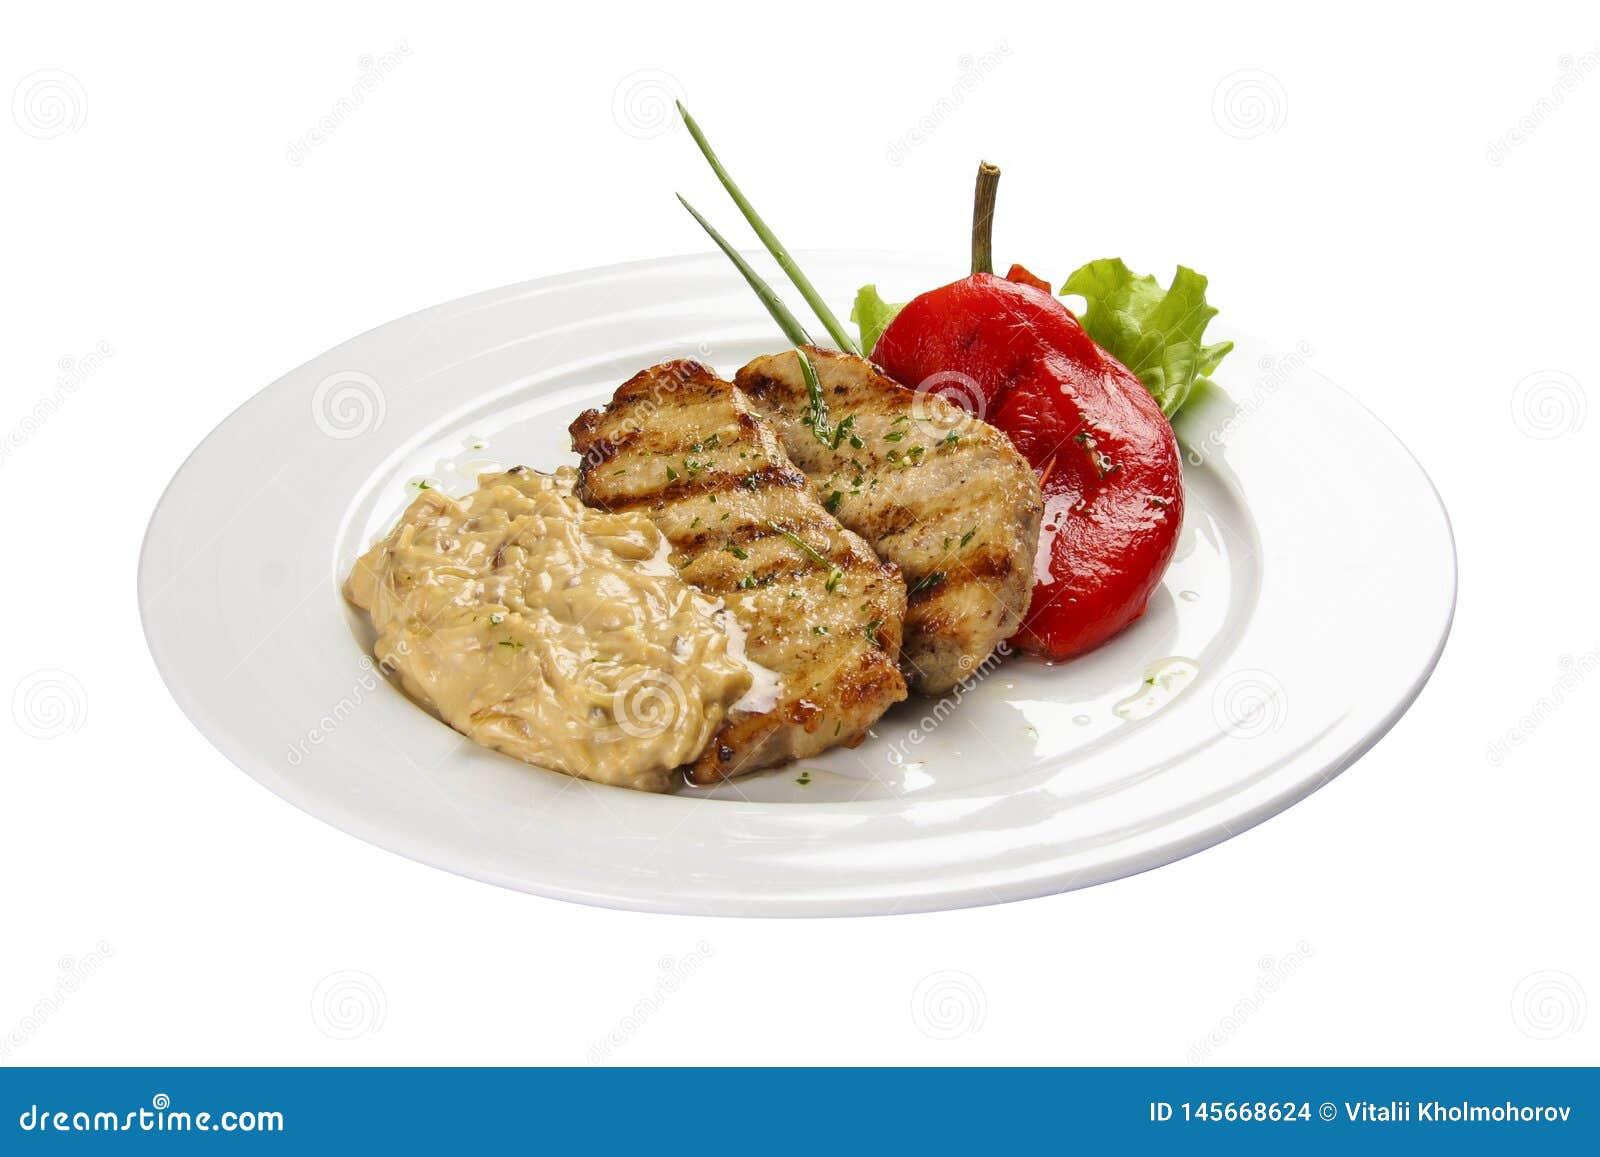 Fried pork in Latvian style.